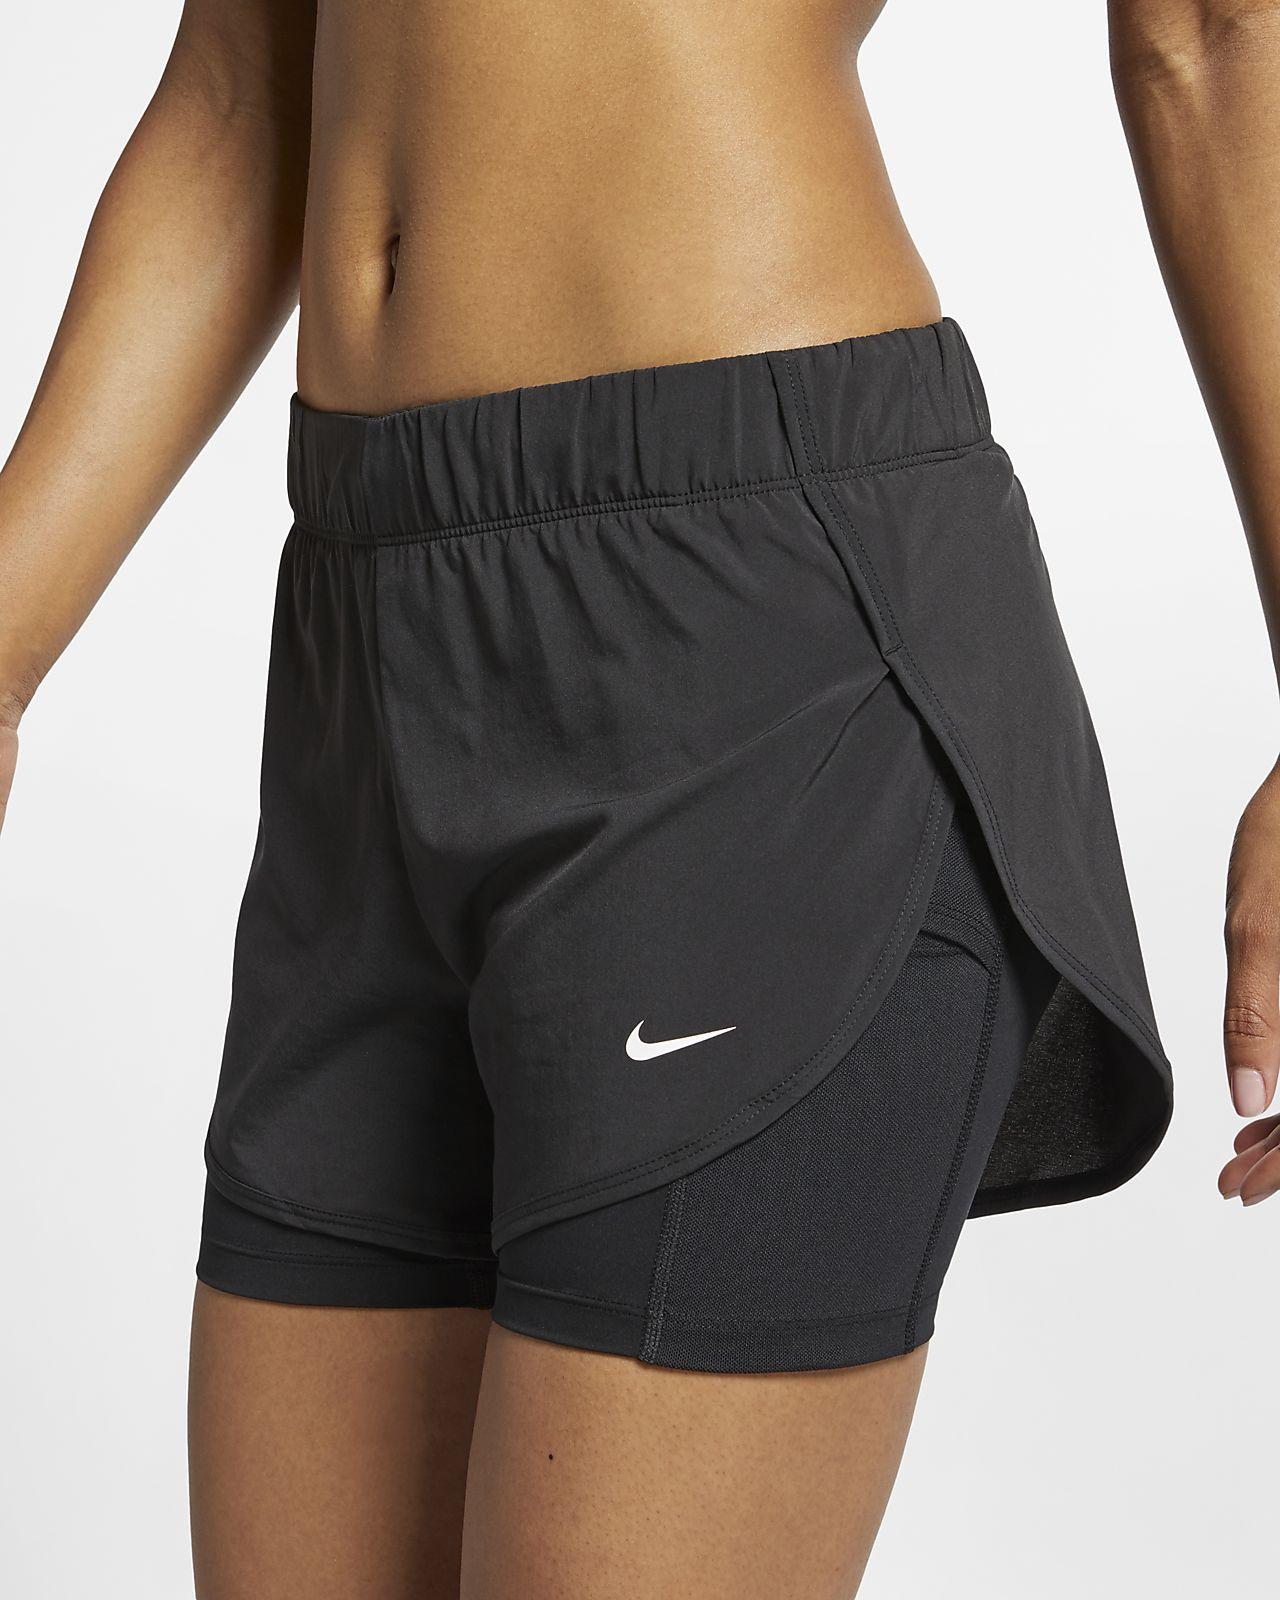 Träningsshorts Nike Flex 2-i-1 för kvinnor